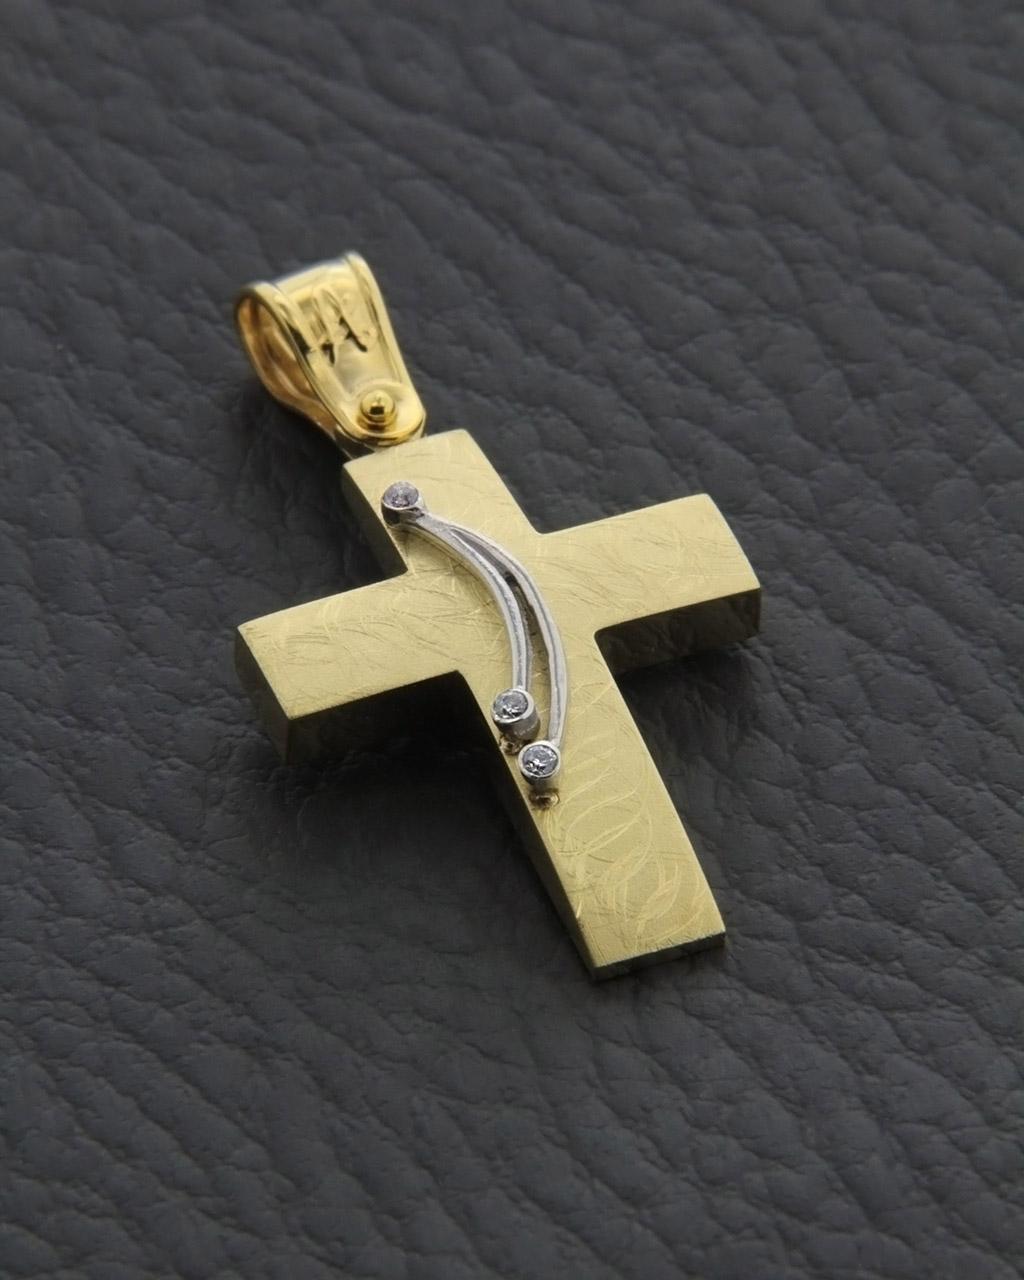 Σταυρός χρυσός & λευκόχρυσος Κ14 με Ζιργκόν   γυναικα σταυροί σταυροί χρυσοί